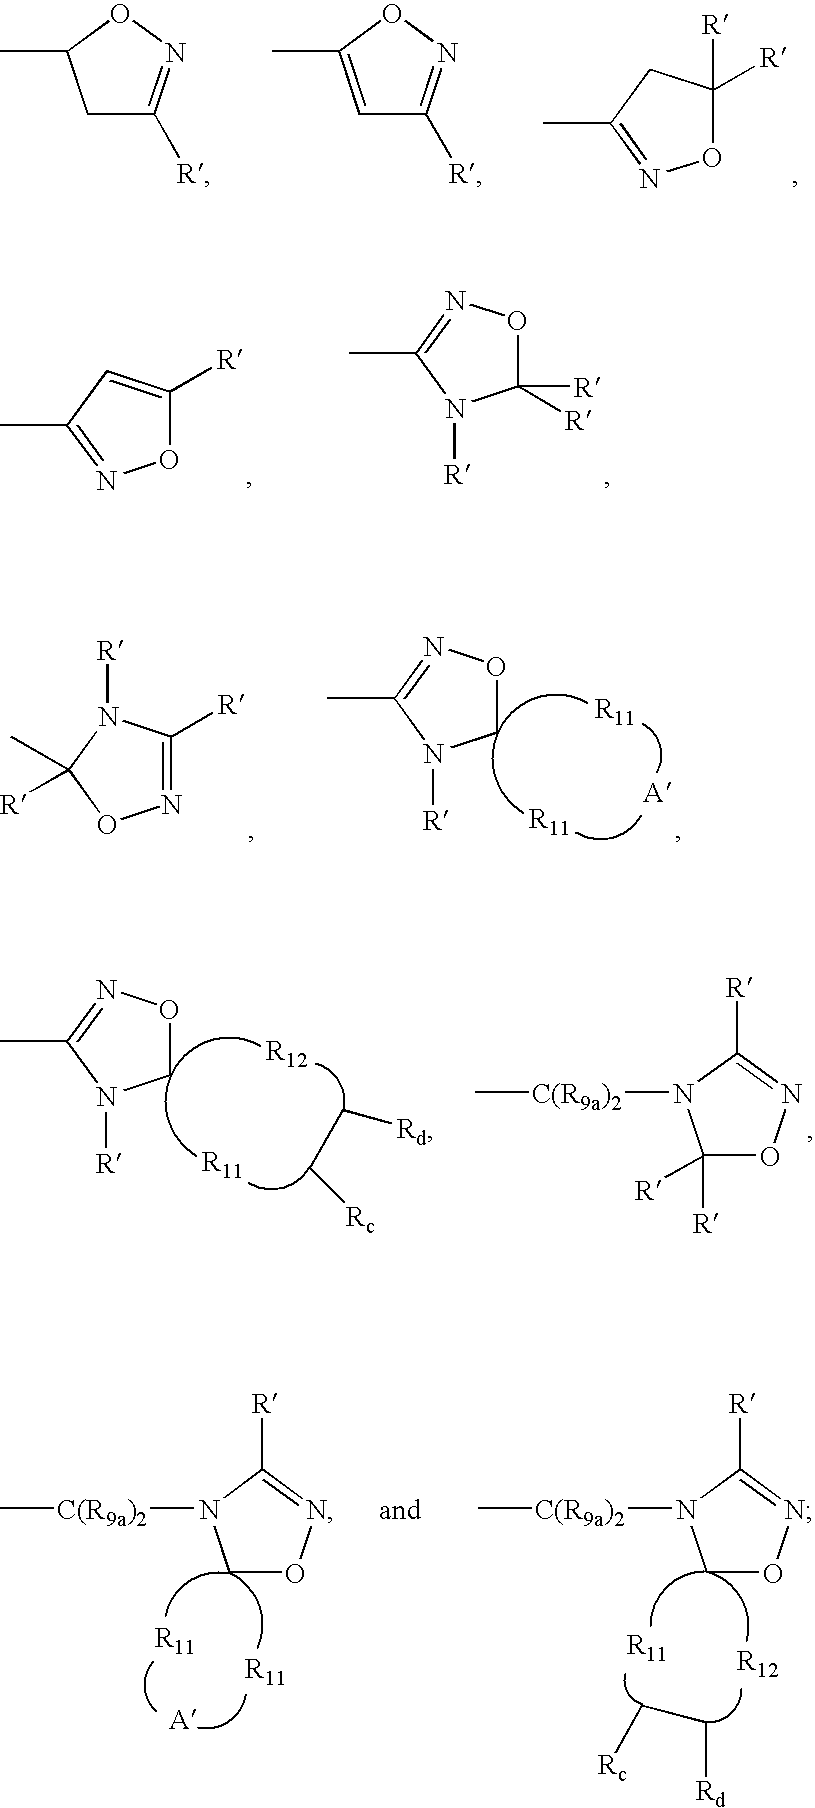 Figure US20070287725A1-20071213-C00168